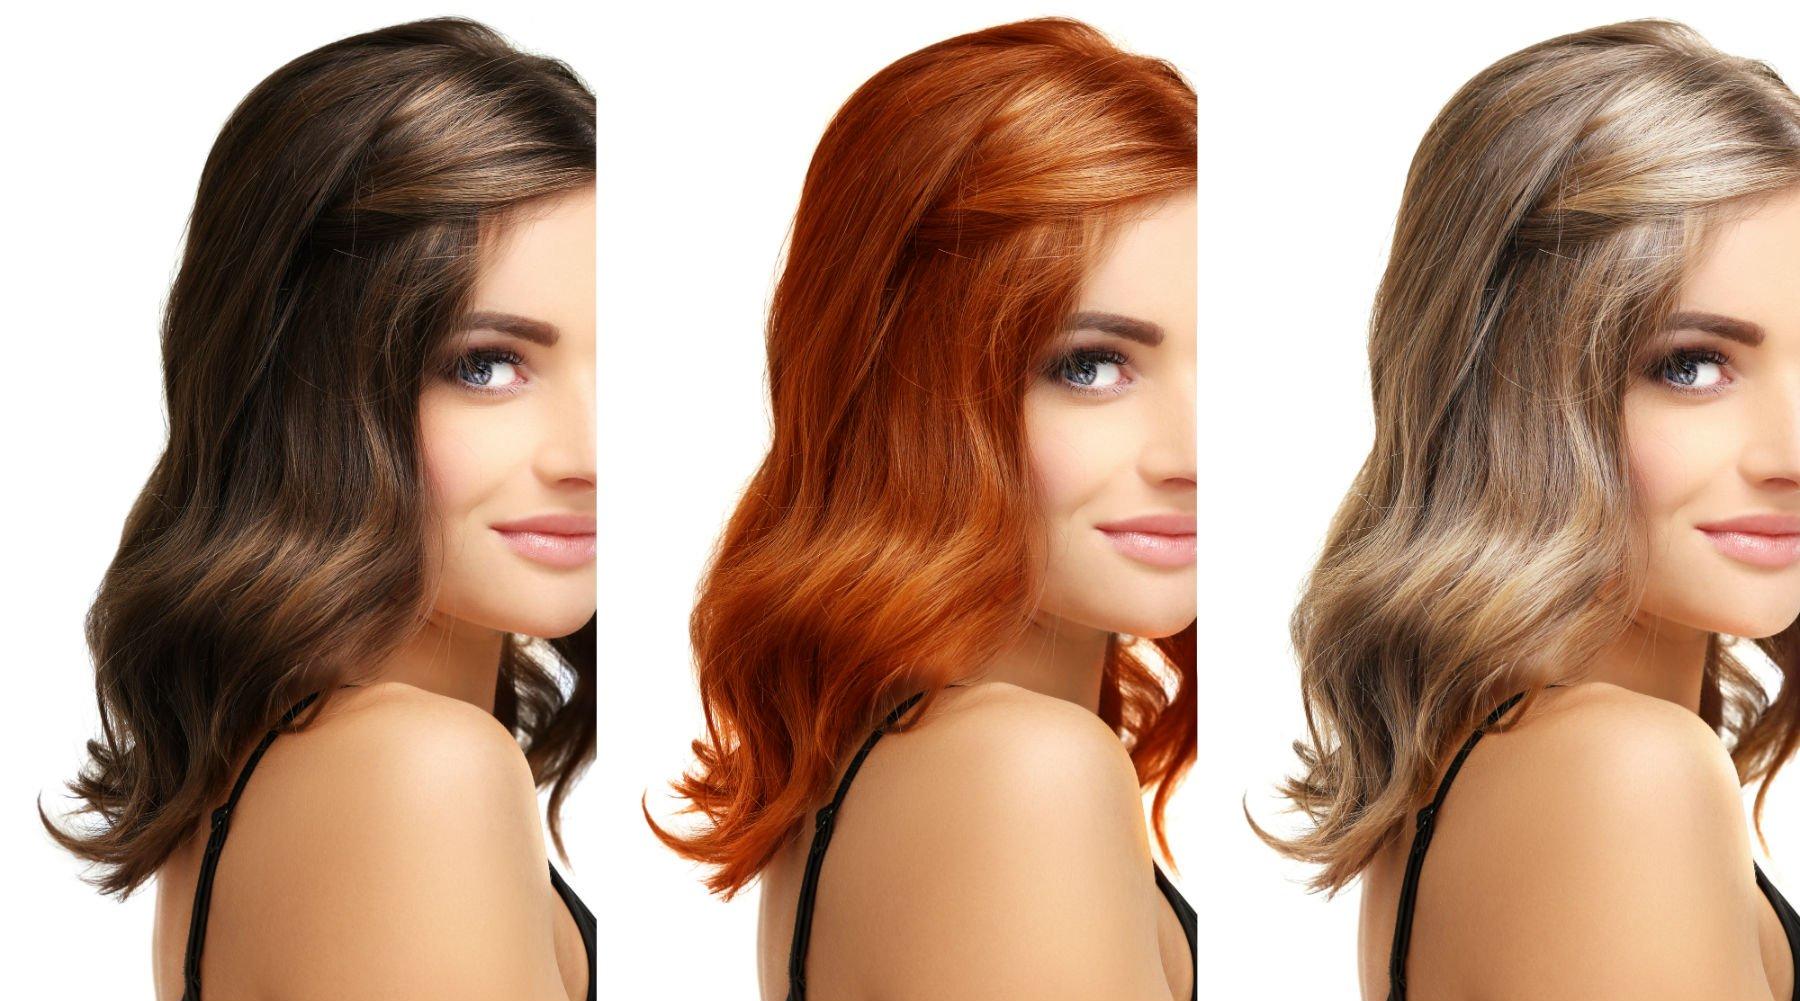 modella con parrucche di colori diversi